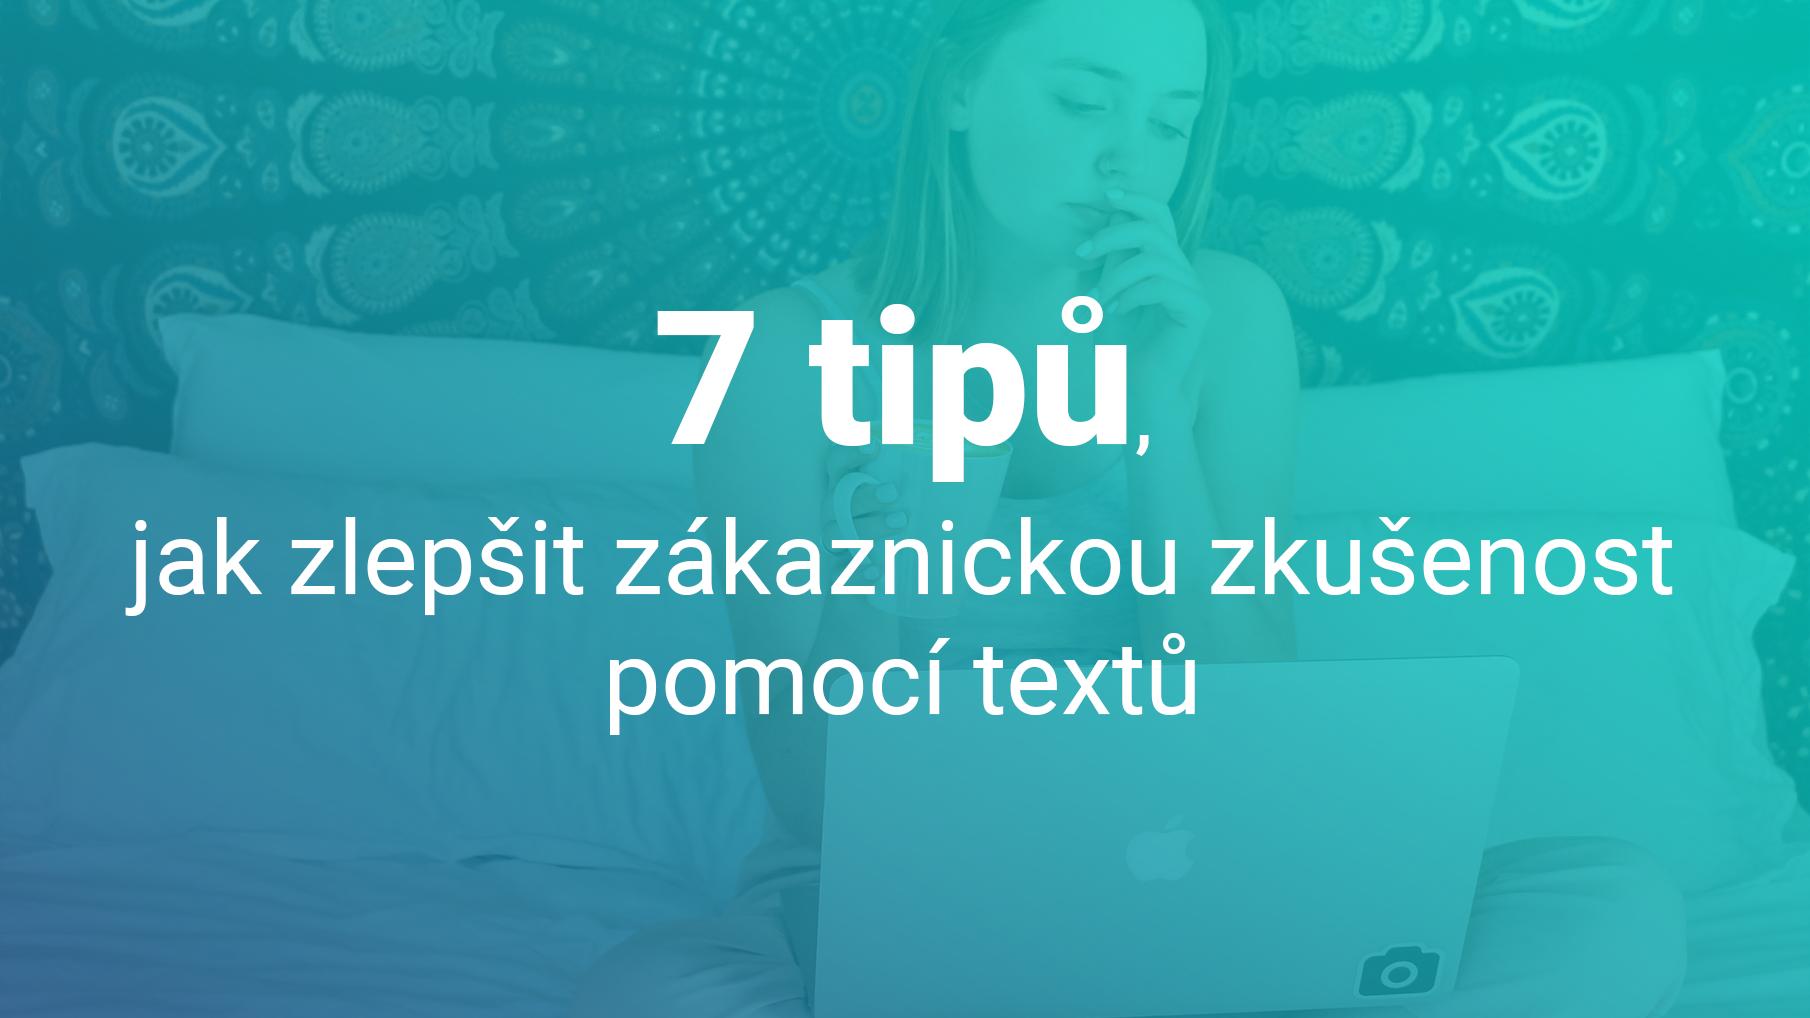 7 Tipů, Jak Zlepšit Zákaznickou Zkušenost Pomocí Textů